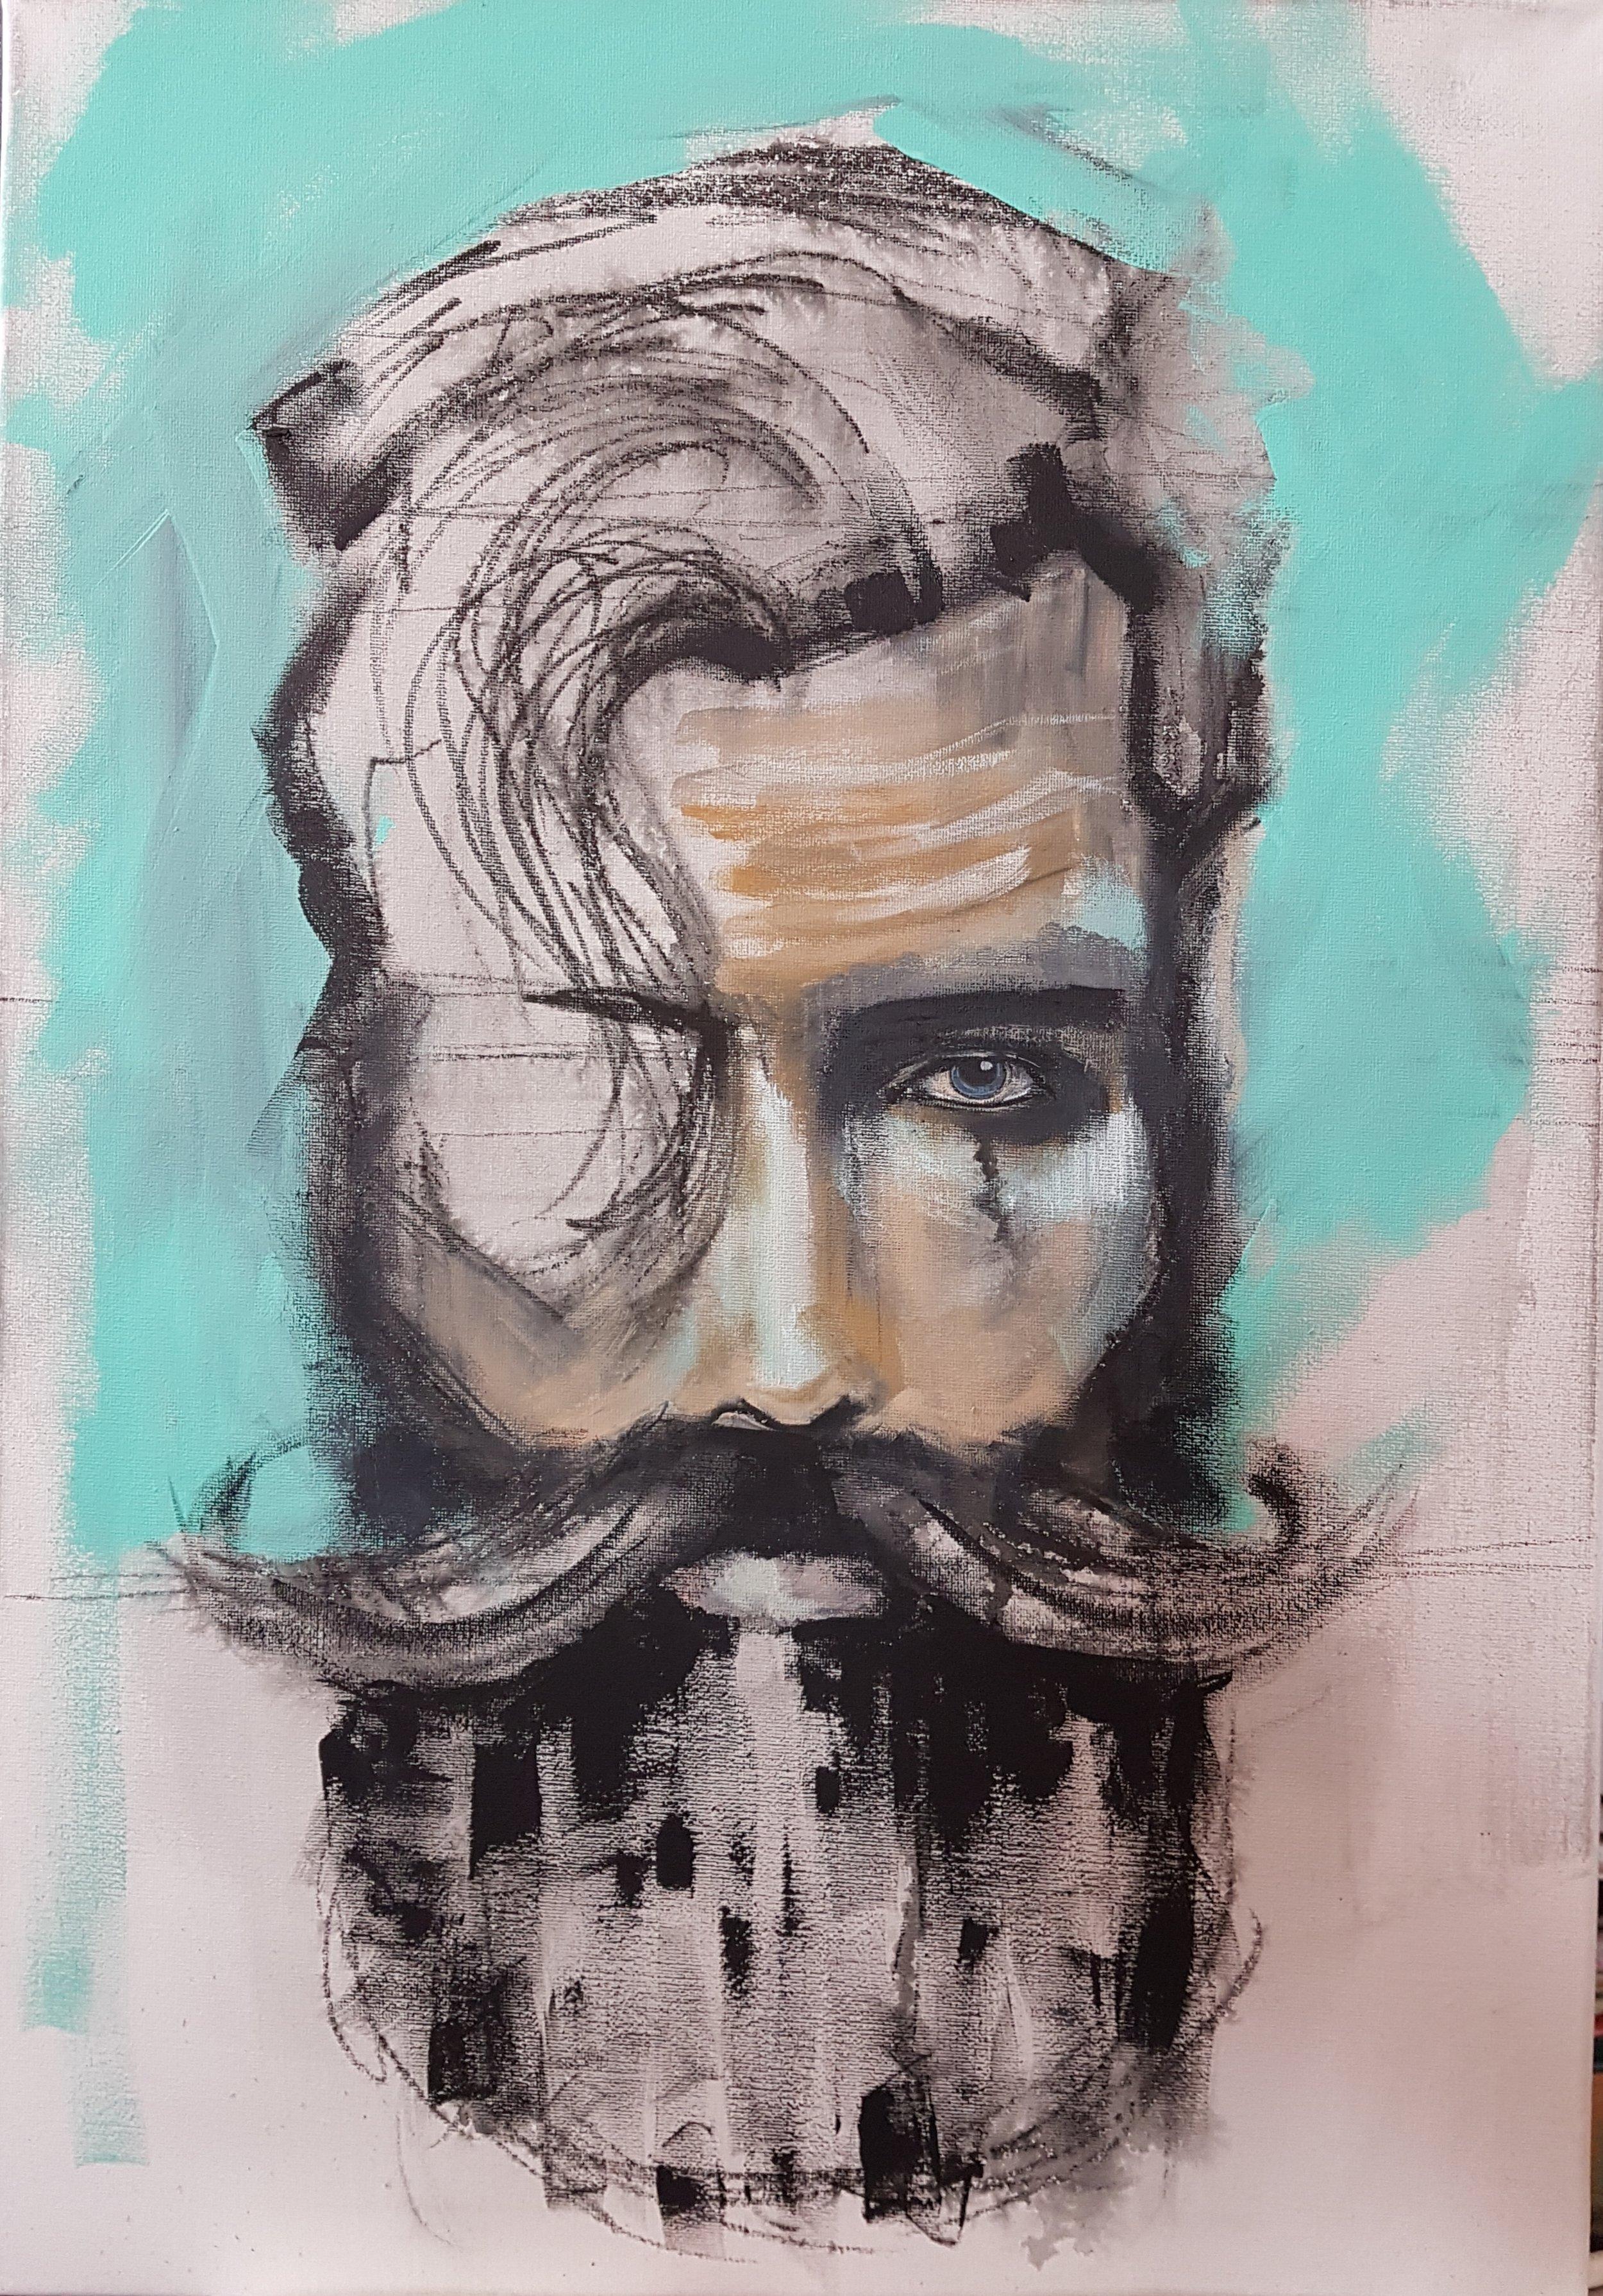 Muriel Stegers portrait artist